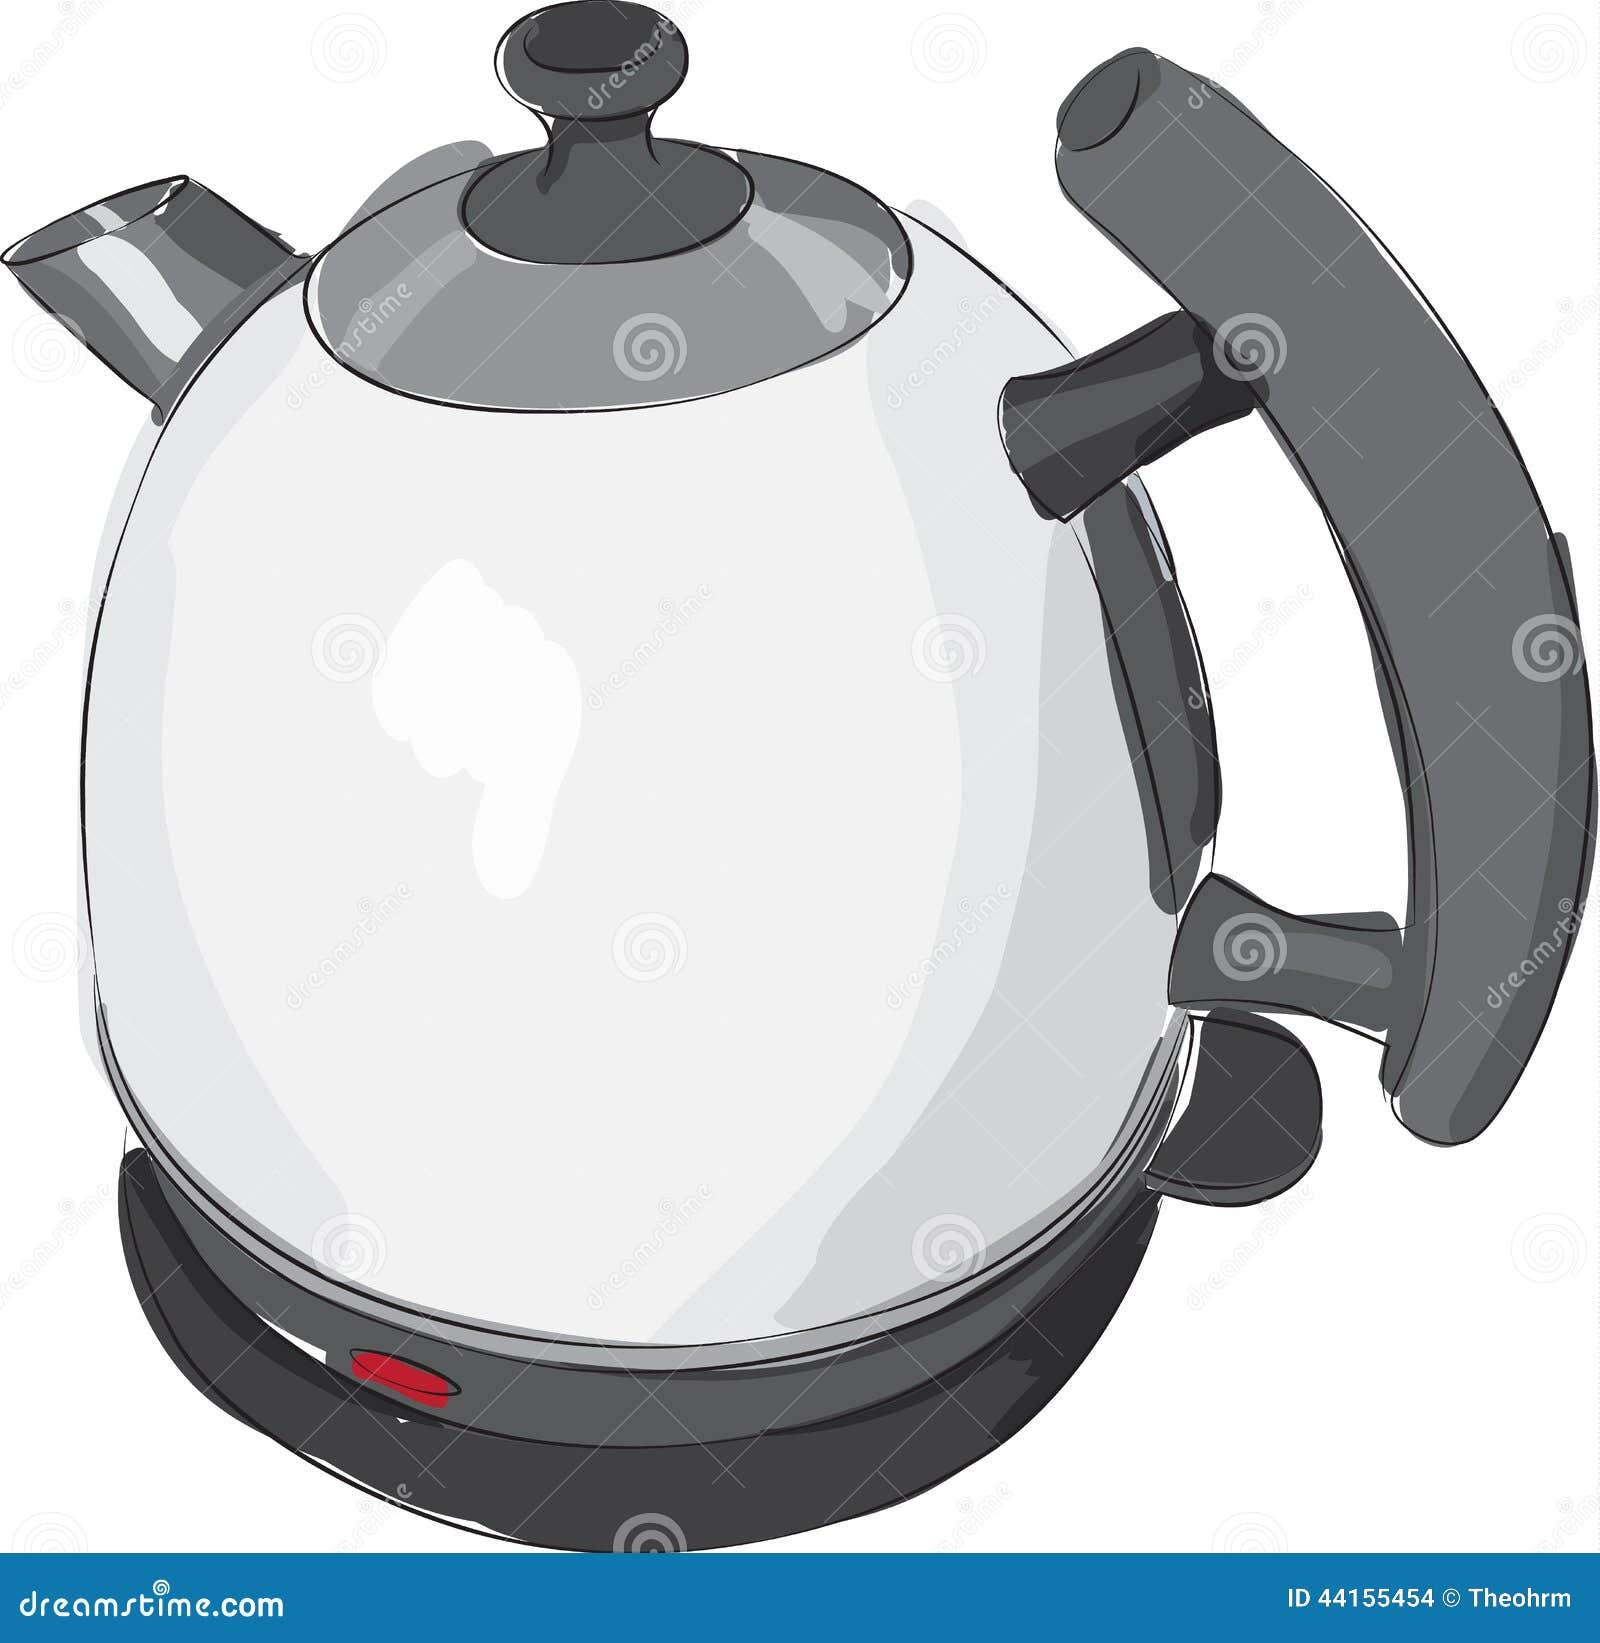 一个现代电水壶的速写的线描.图片